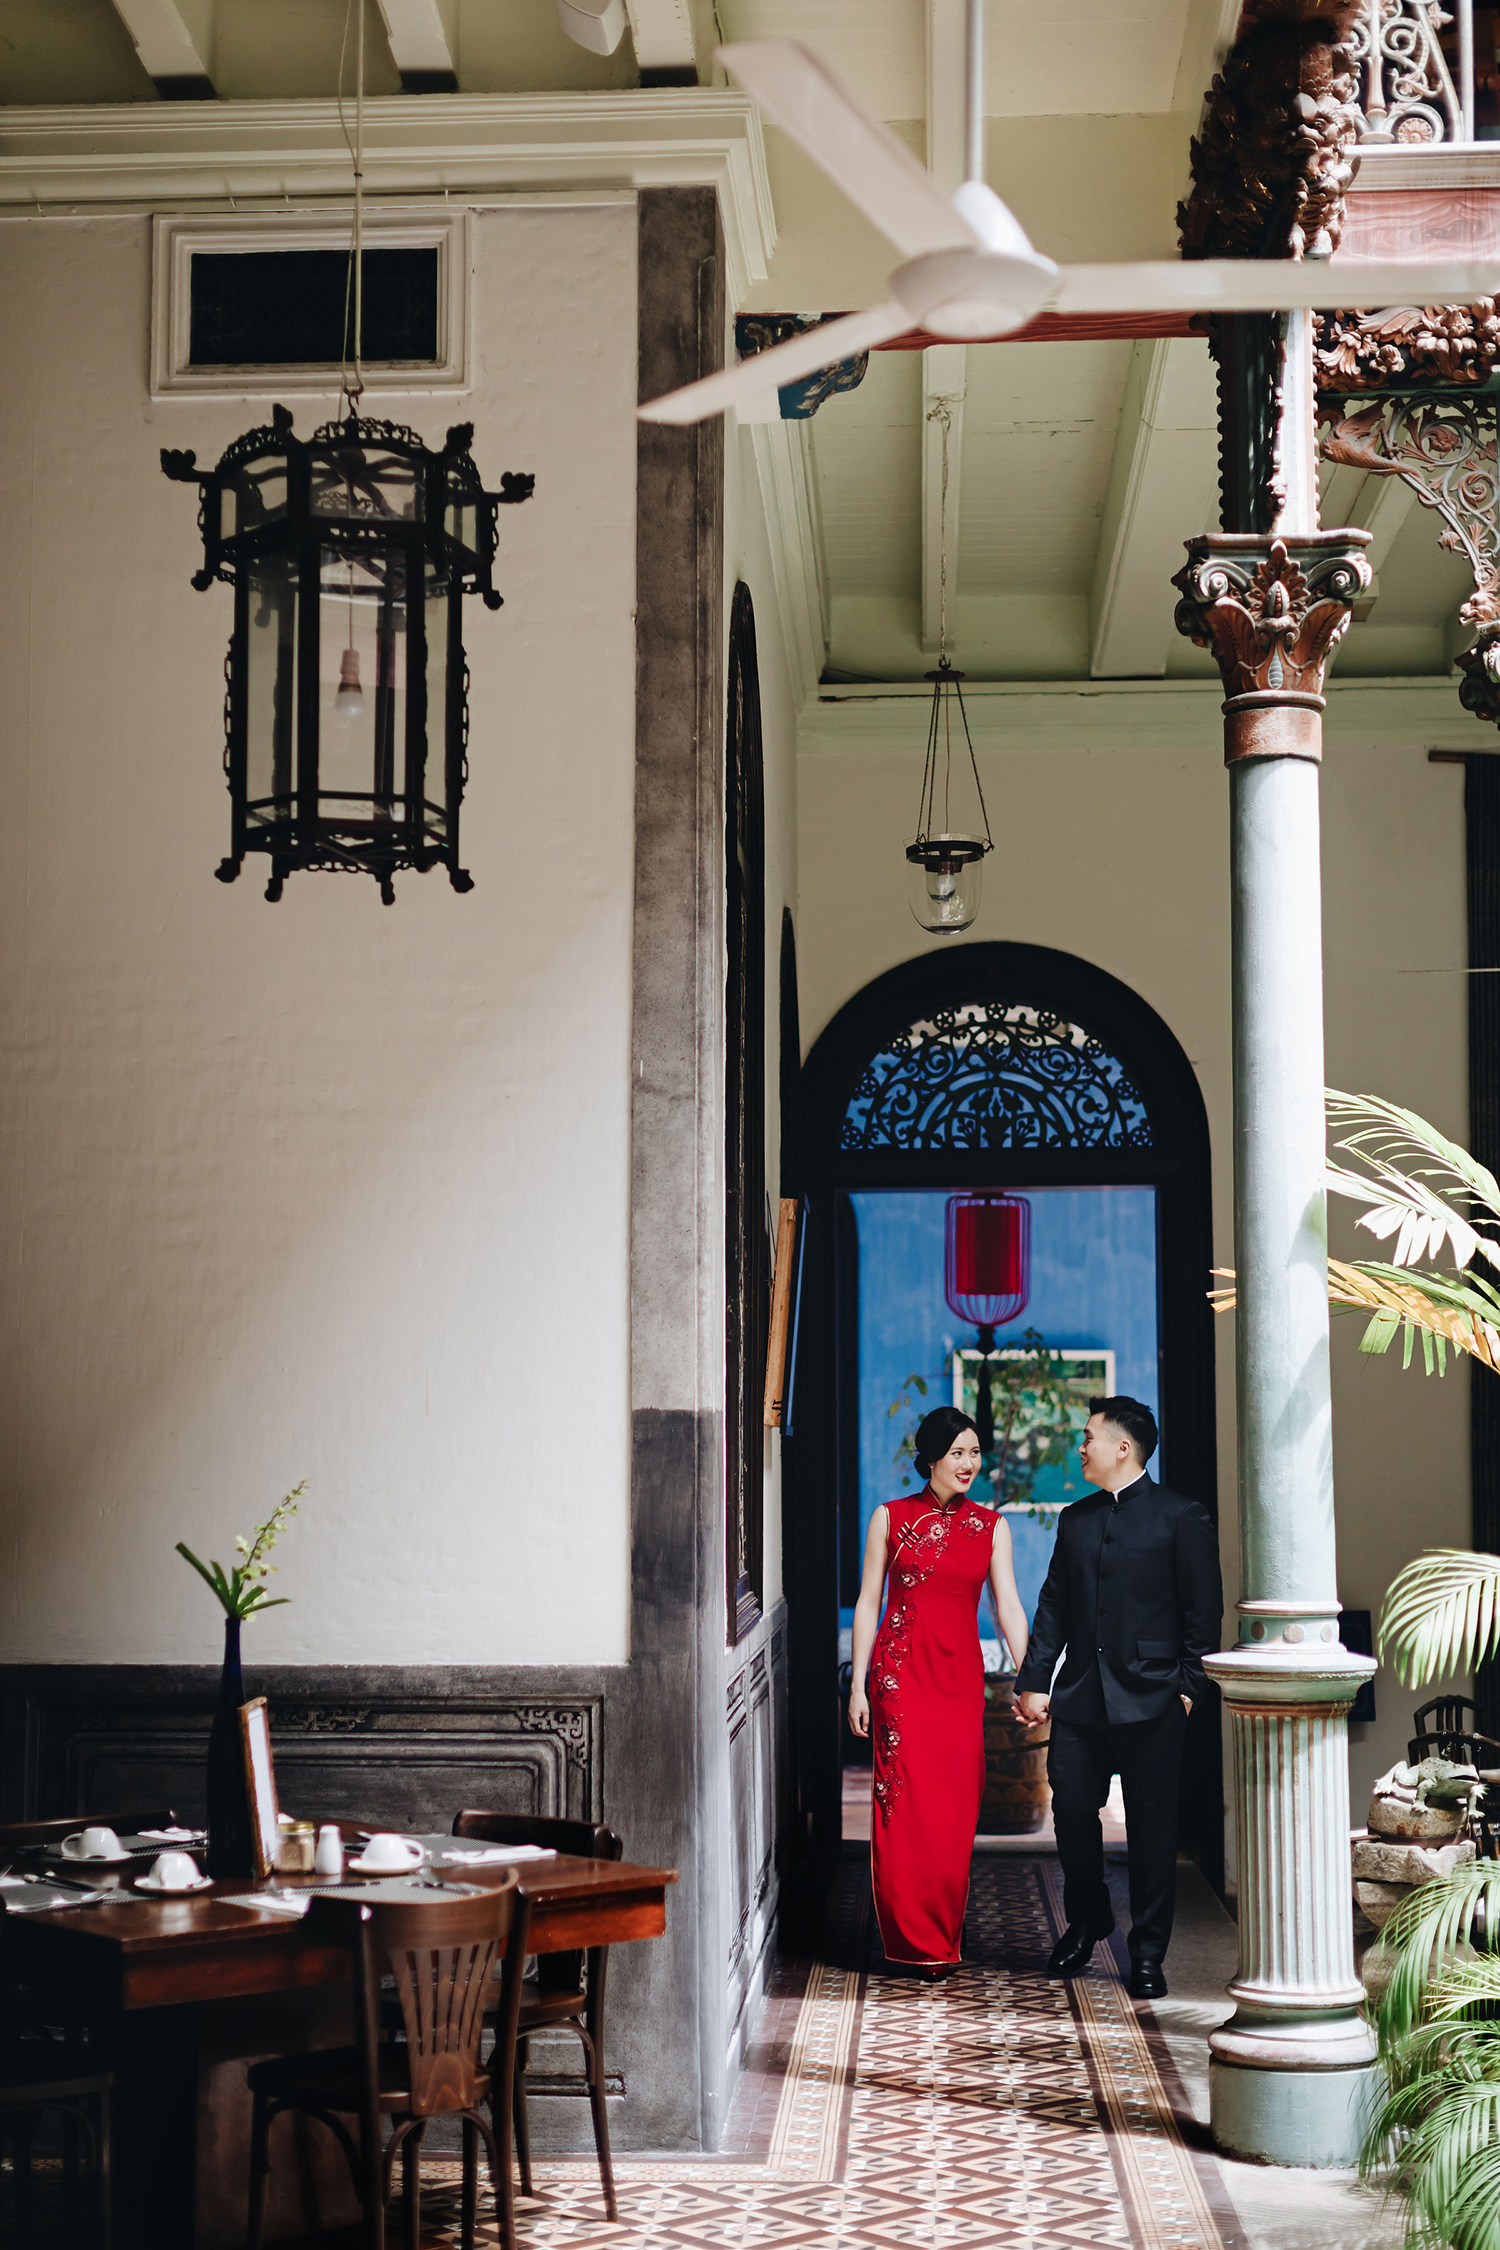 isabelle + gen han - Pre-wedding in George Town, Penang